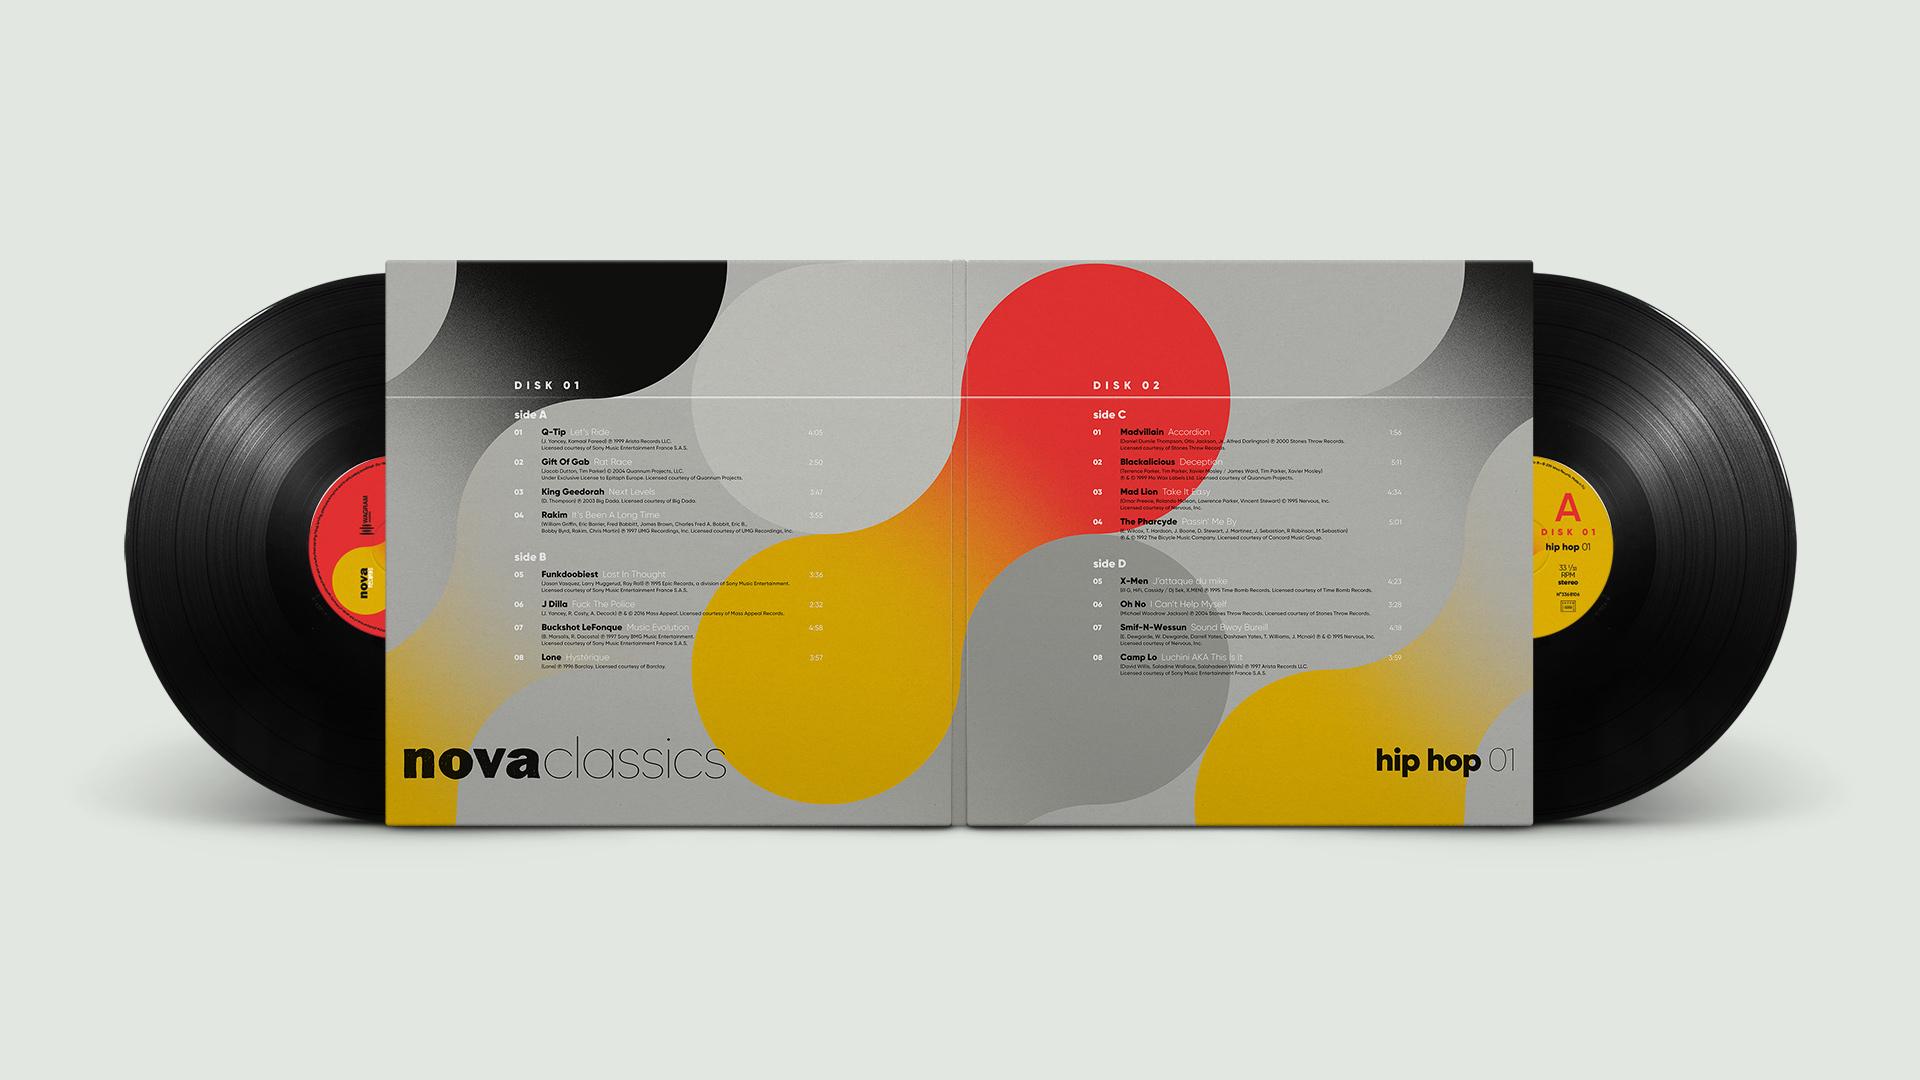 Nova Classics Hip hop double vinyles gatefold conception & création graphique pommeC pommeV graphisme & illustration Christophe Andrusin